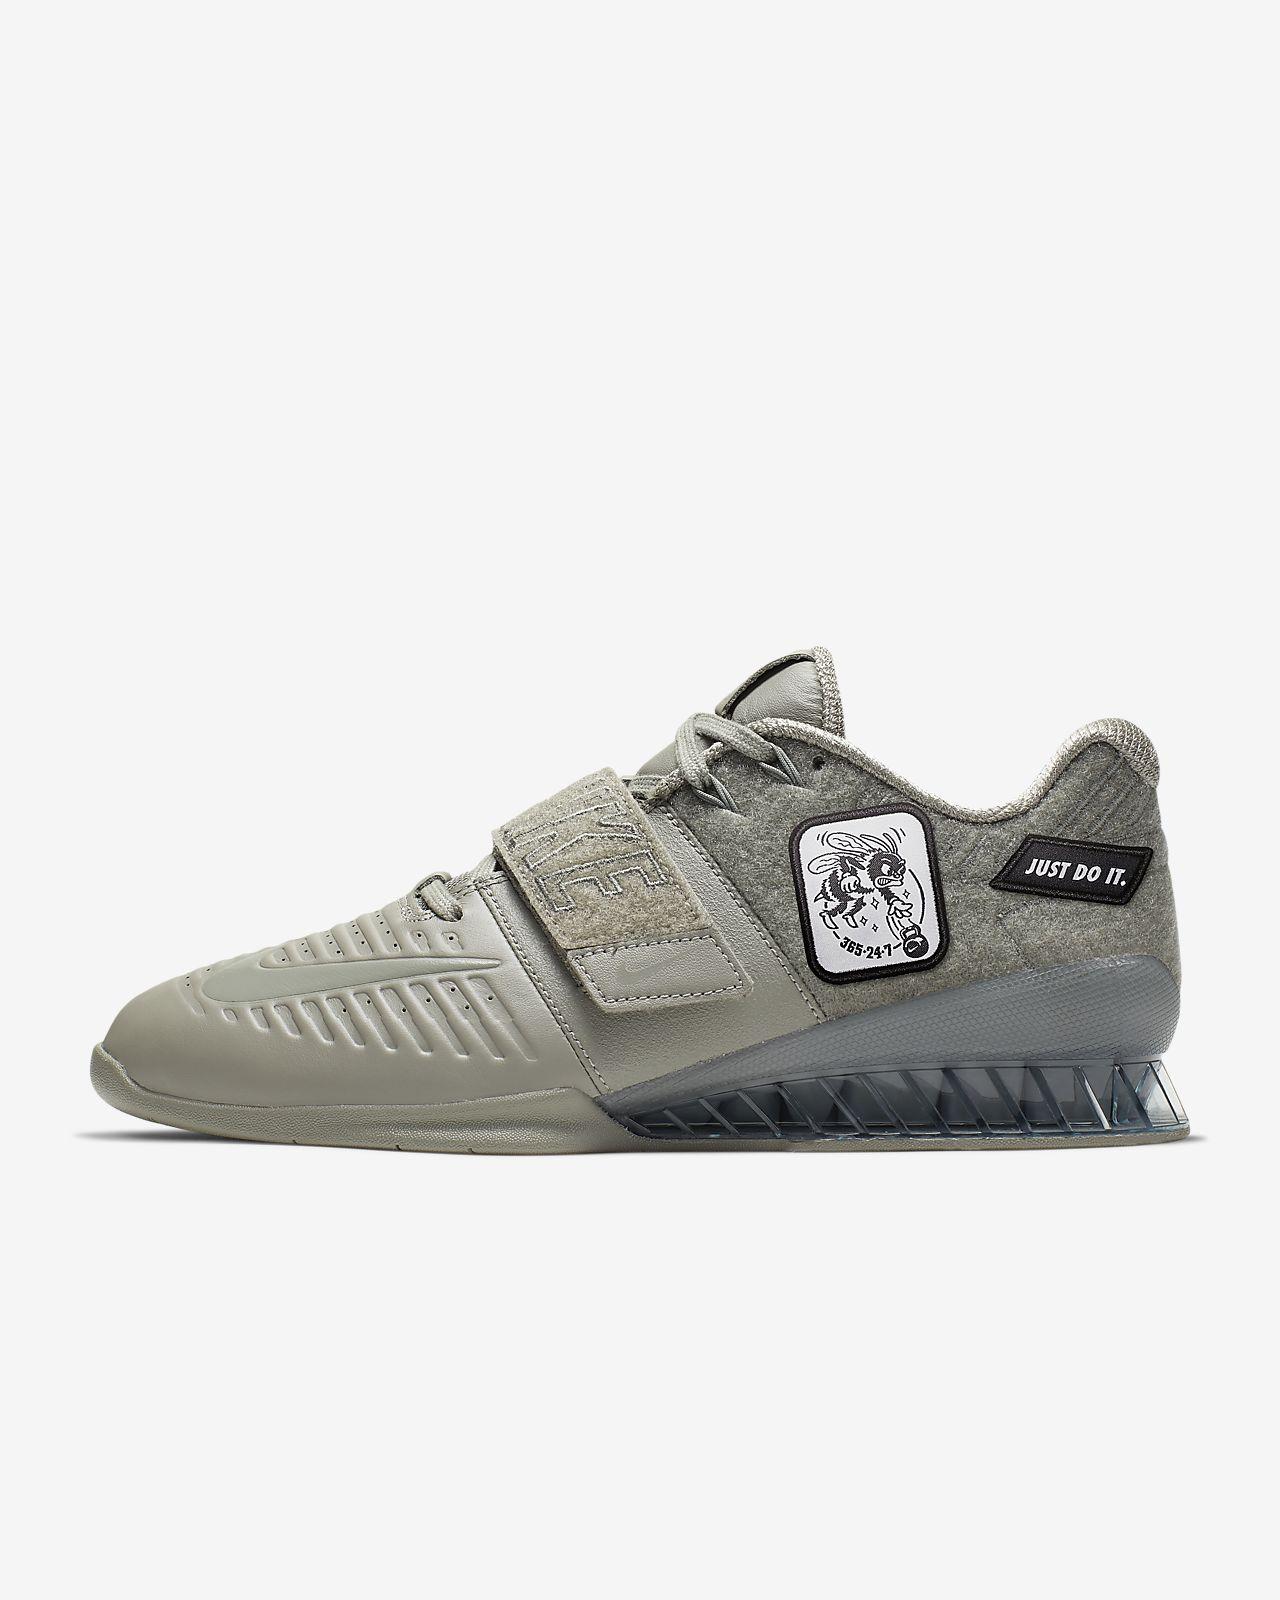 Buty treningowe Nike Romaleos 3 XD Patch